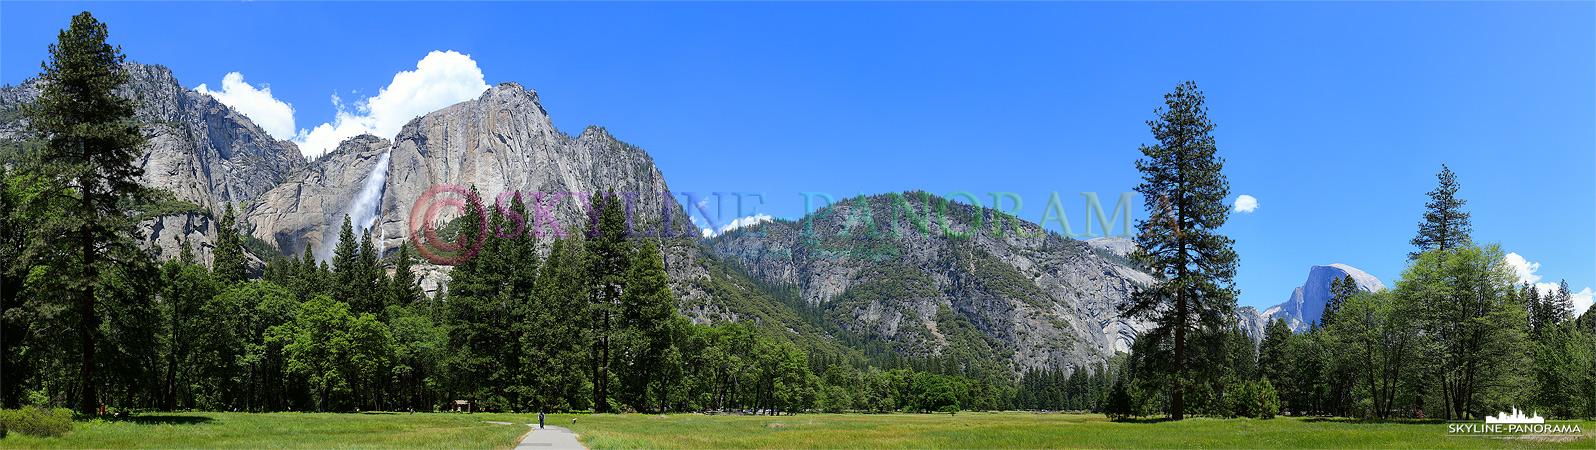 Die Natur und die Schönheit des Yosemite National Parks lässt sich schwer in Worte fassen, sattes Grün und die Bergkulisse lassen oft den Atem stoppen.